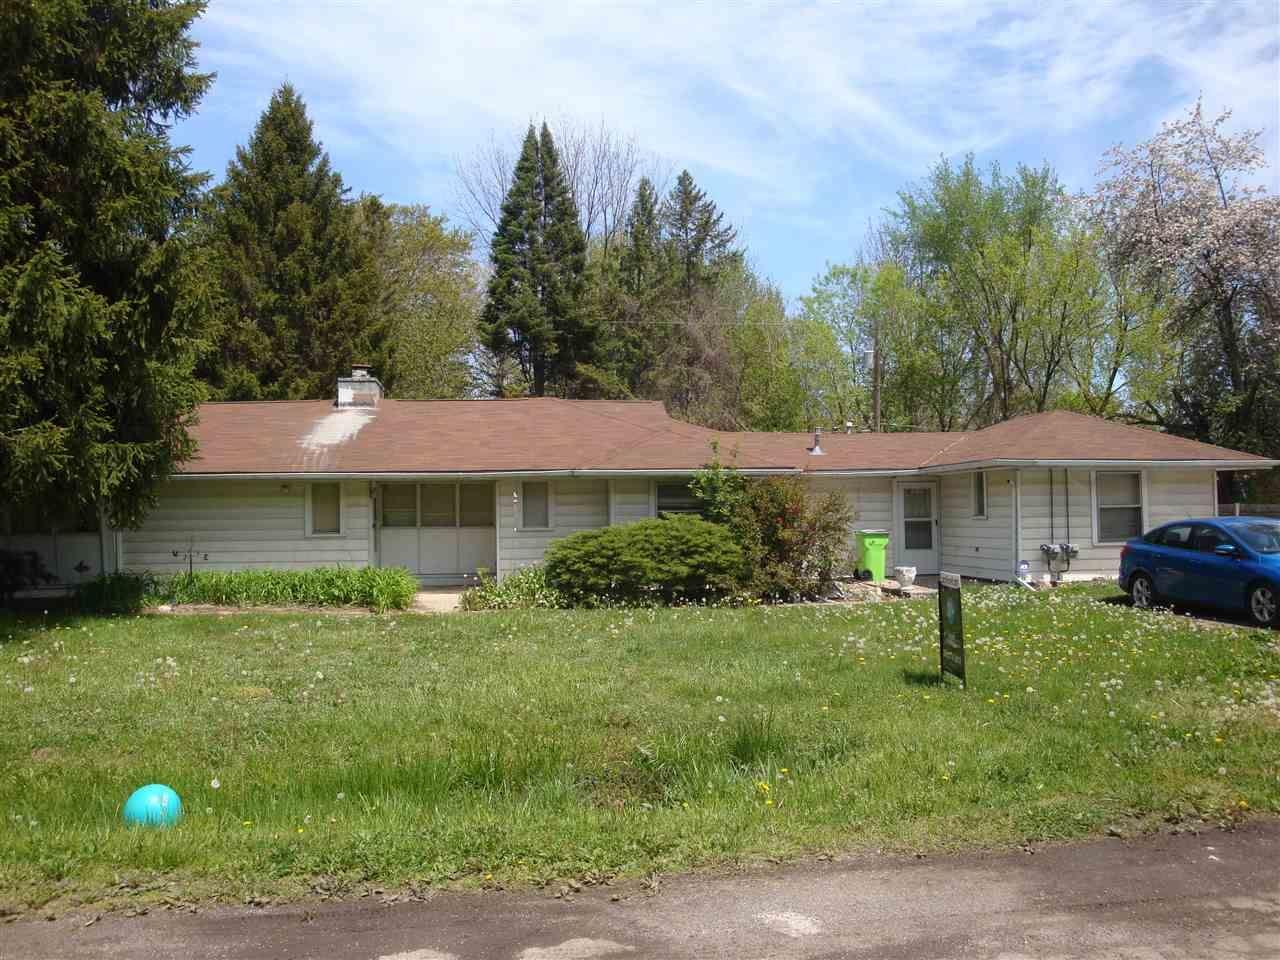 20485 Finley, Clinton Township, MI 48035 - #: 50008735